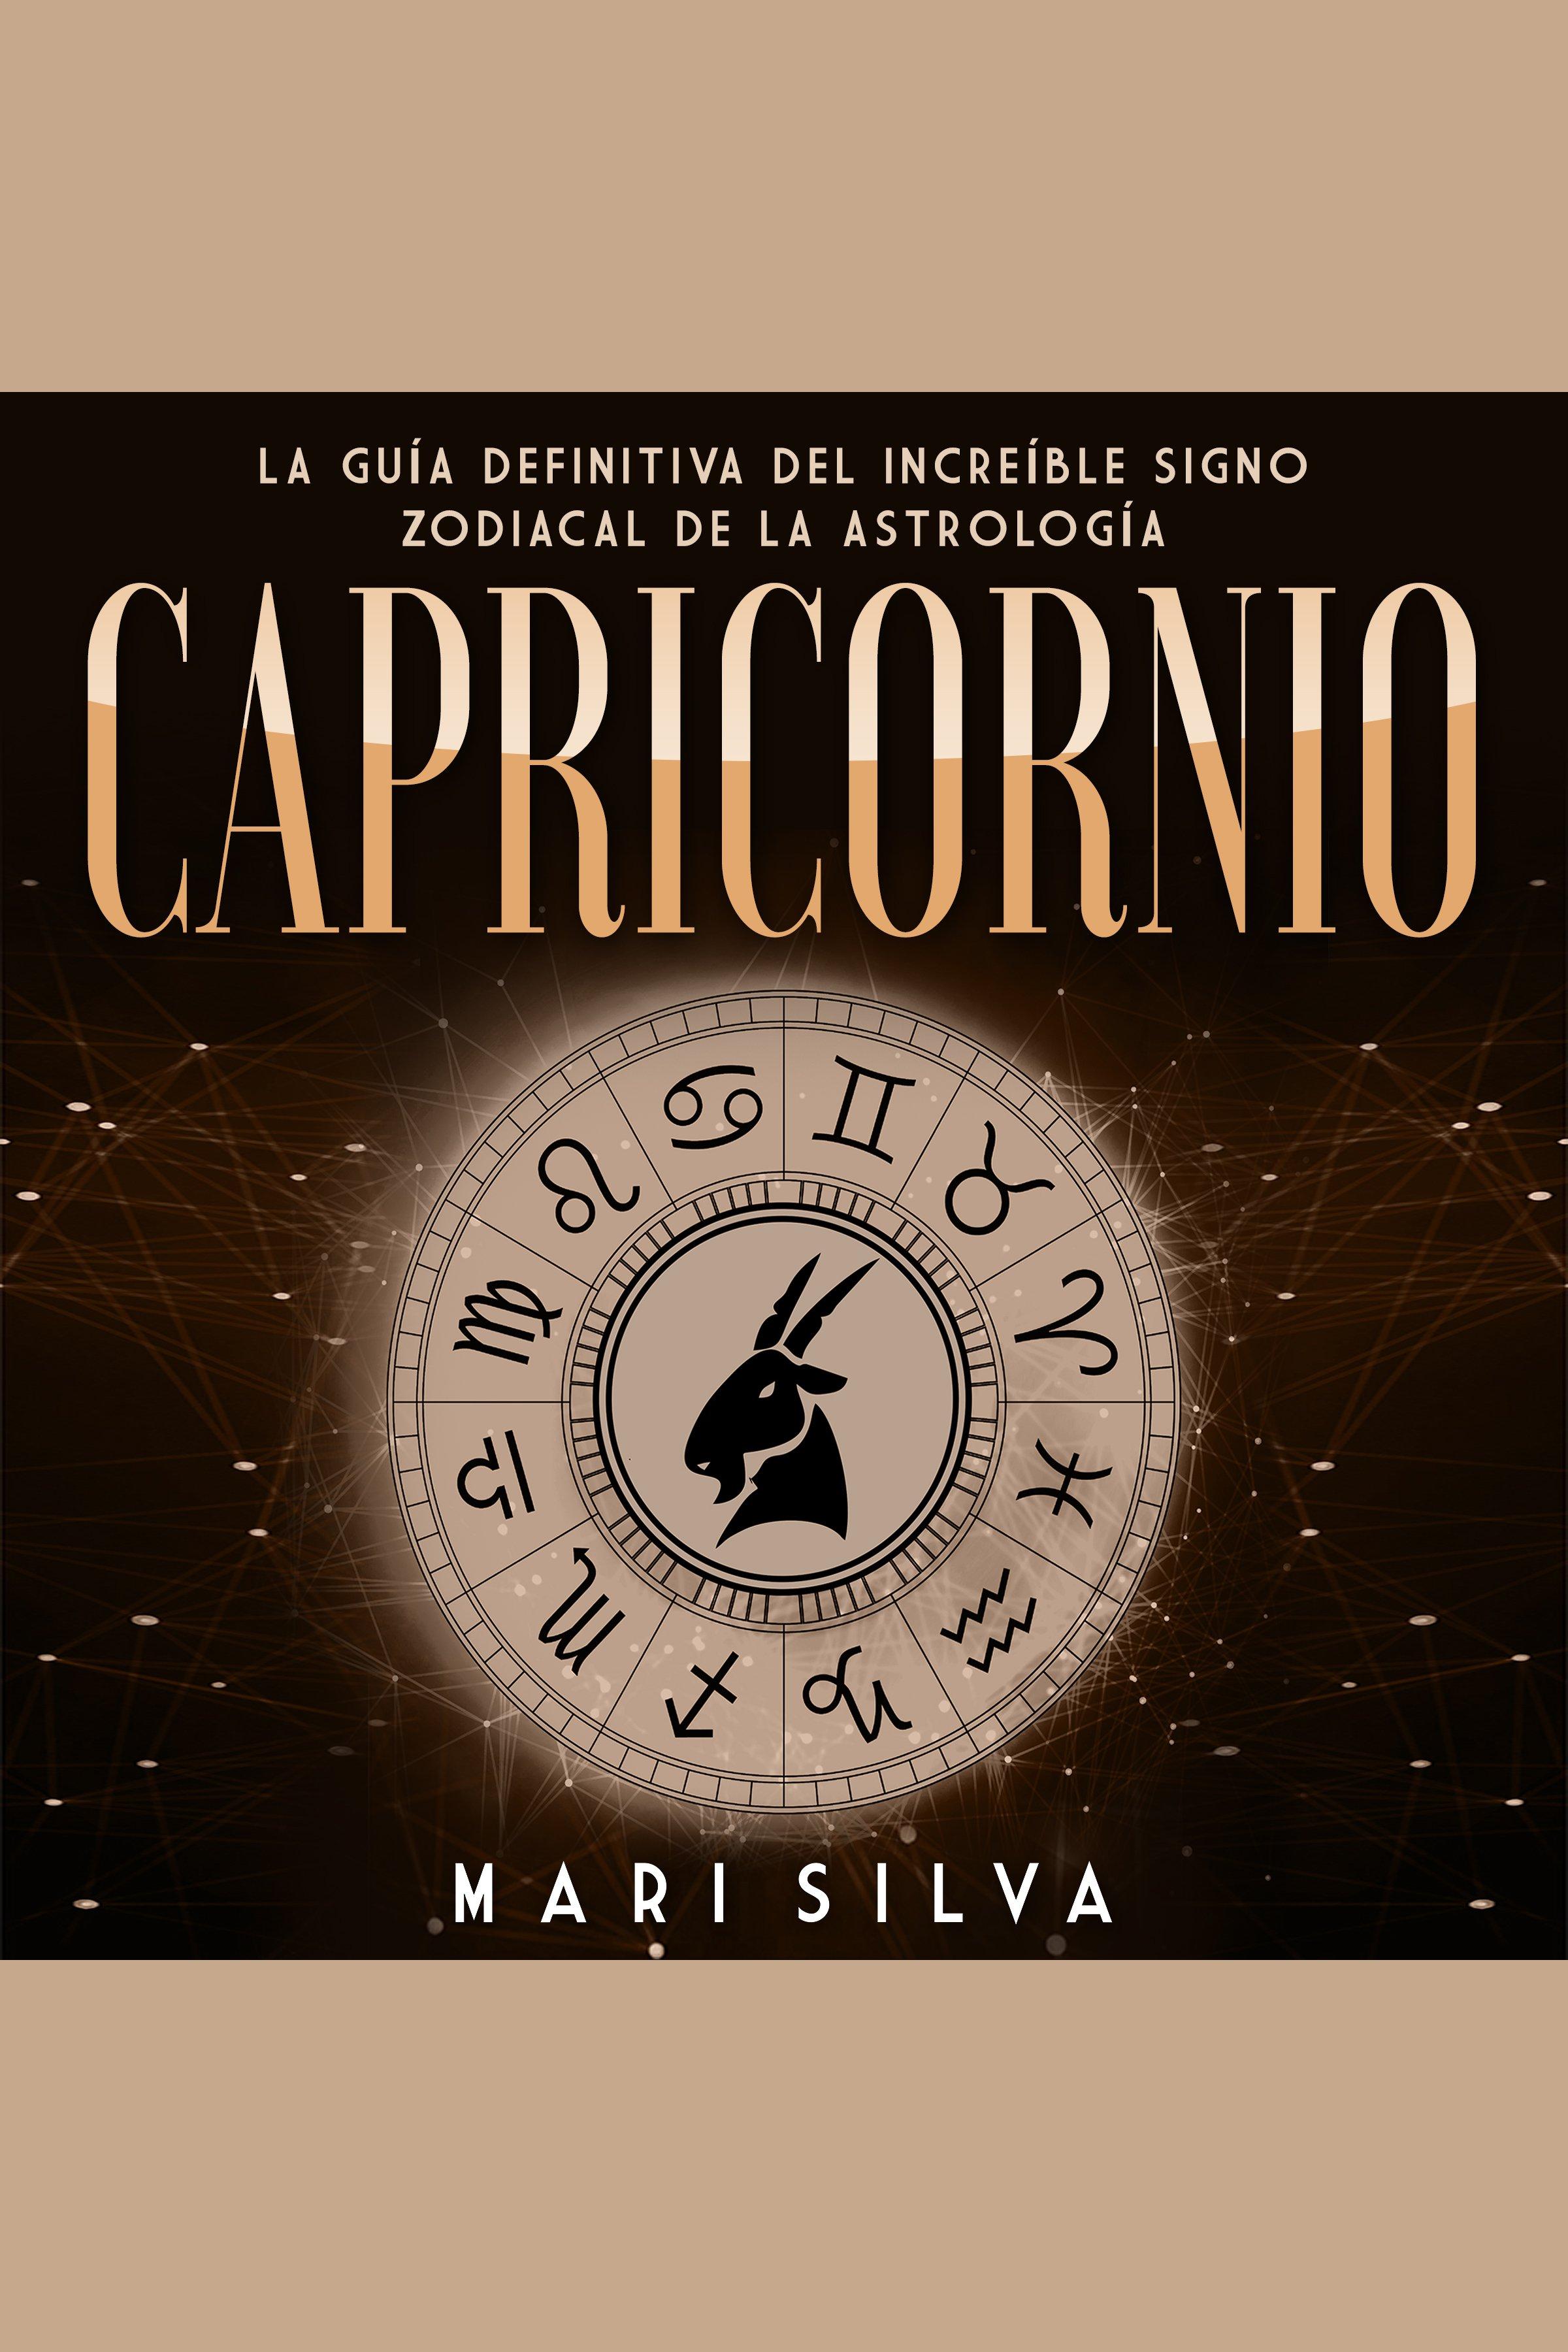 Esta es la portada del audiolibro Capricornio: La guía definitiva del increíble signo zodiacal de la astrología